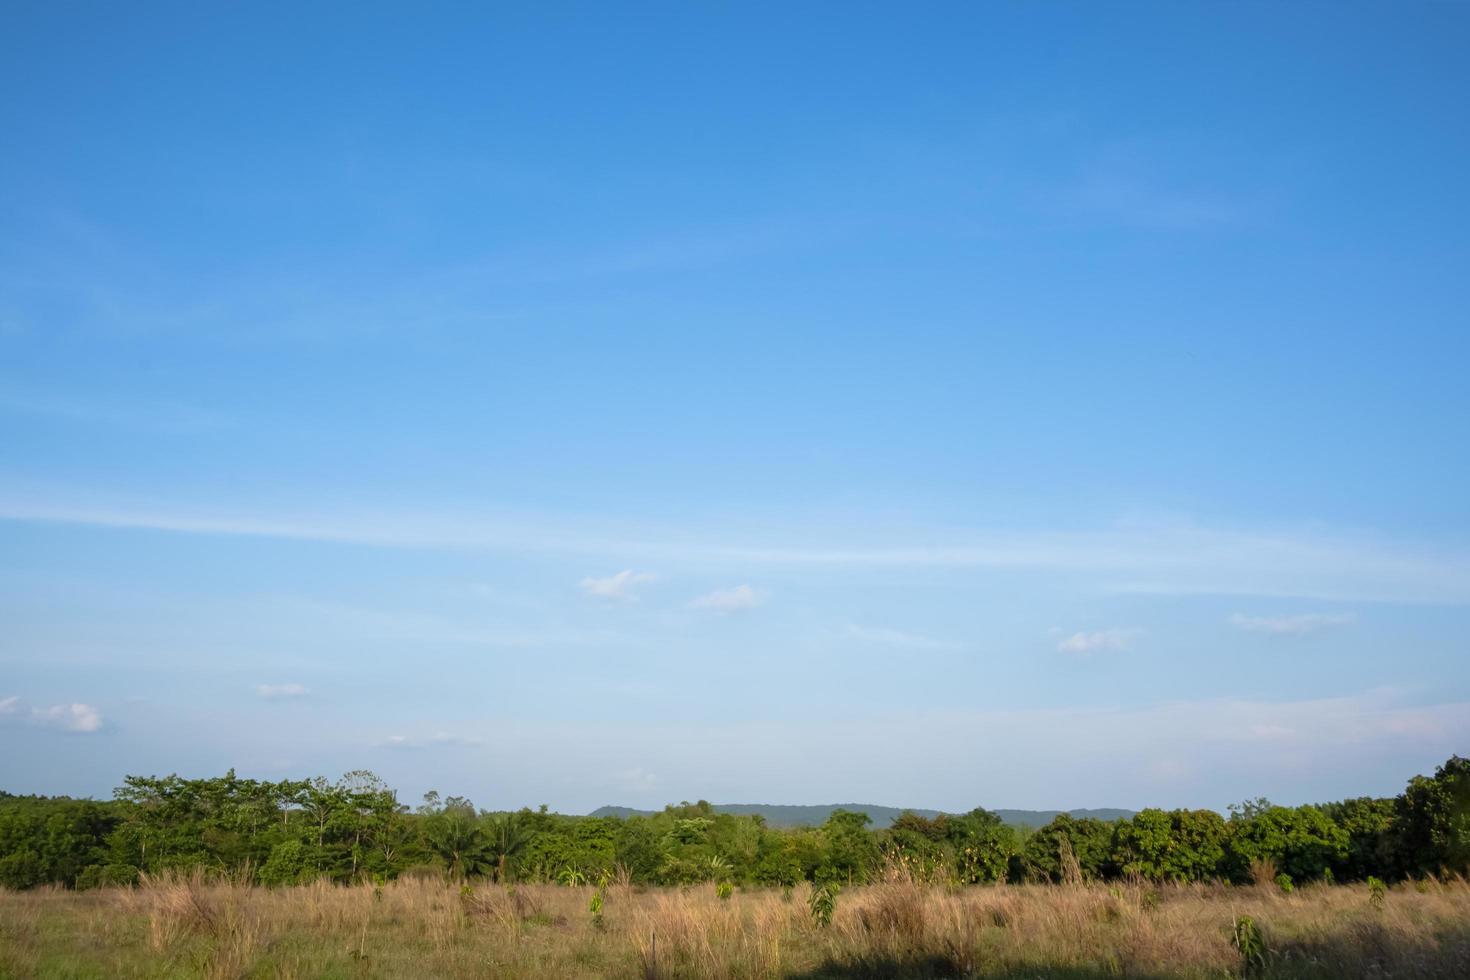 paisaje en tailandia en el campo foto